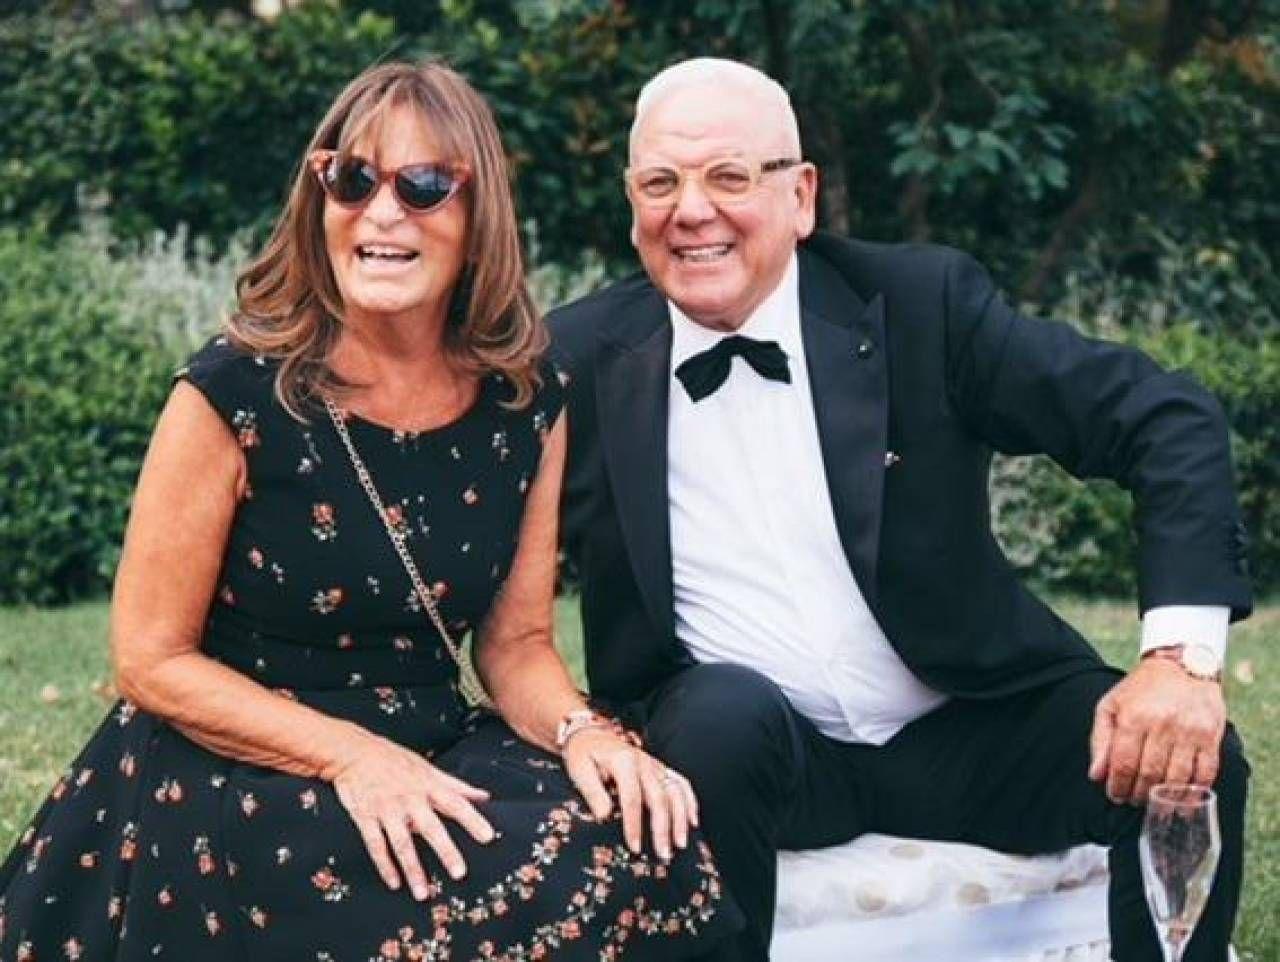 Piero Jacomoni, fondatore di Monnalisa, insieme alla moglie Barbara Bertocci, creativa del gruppo